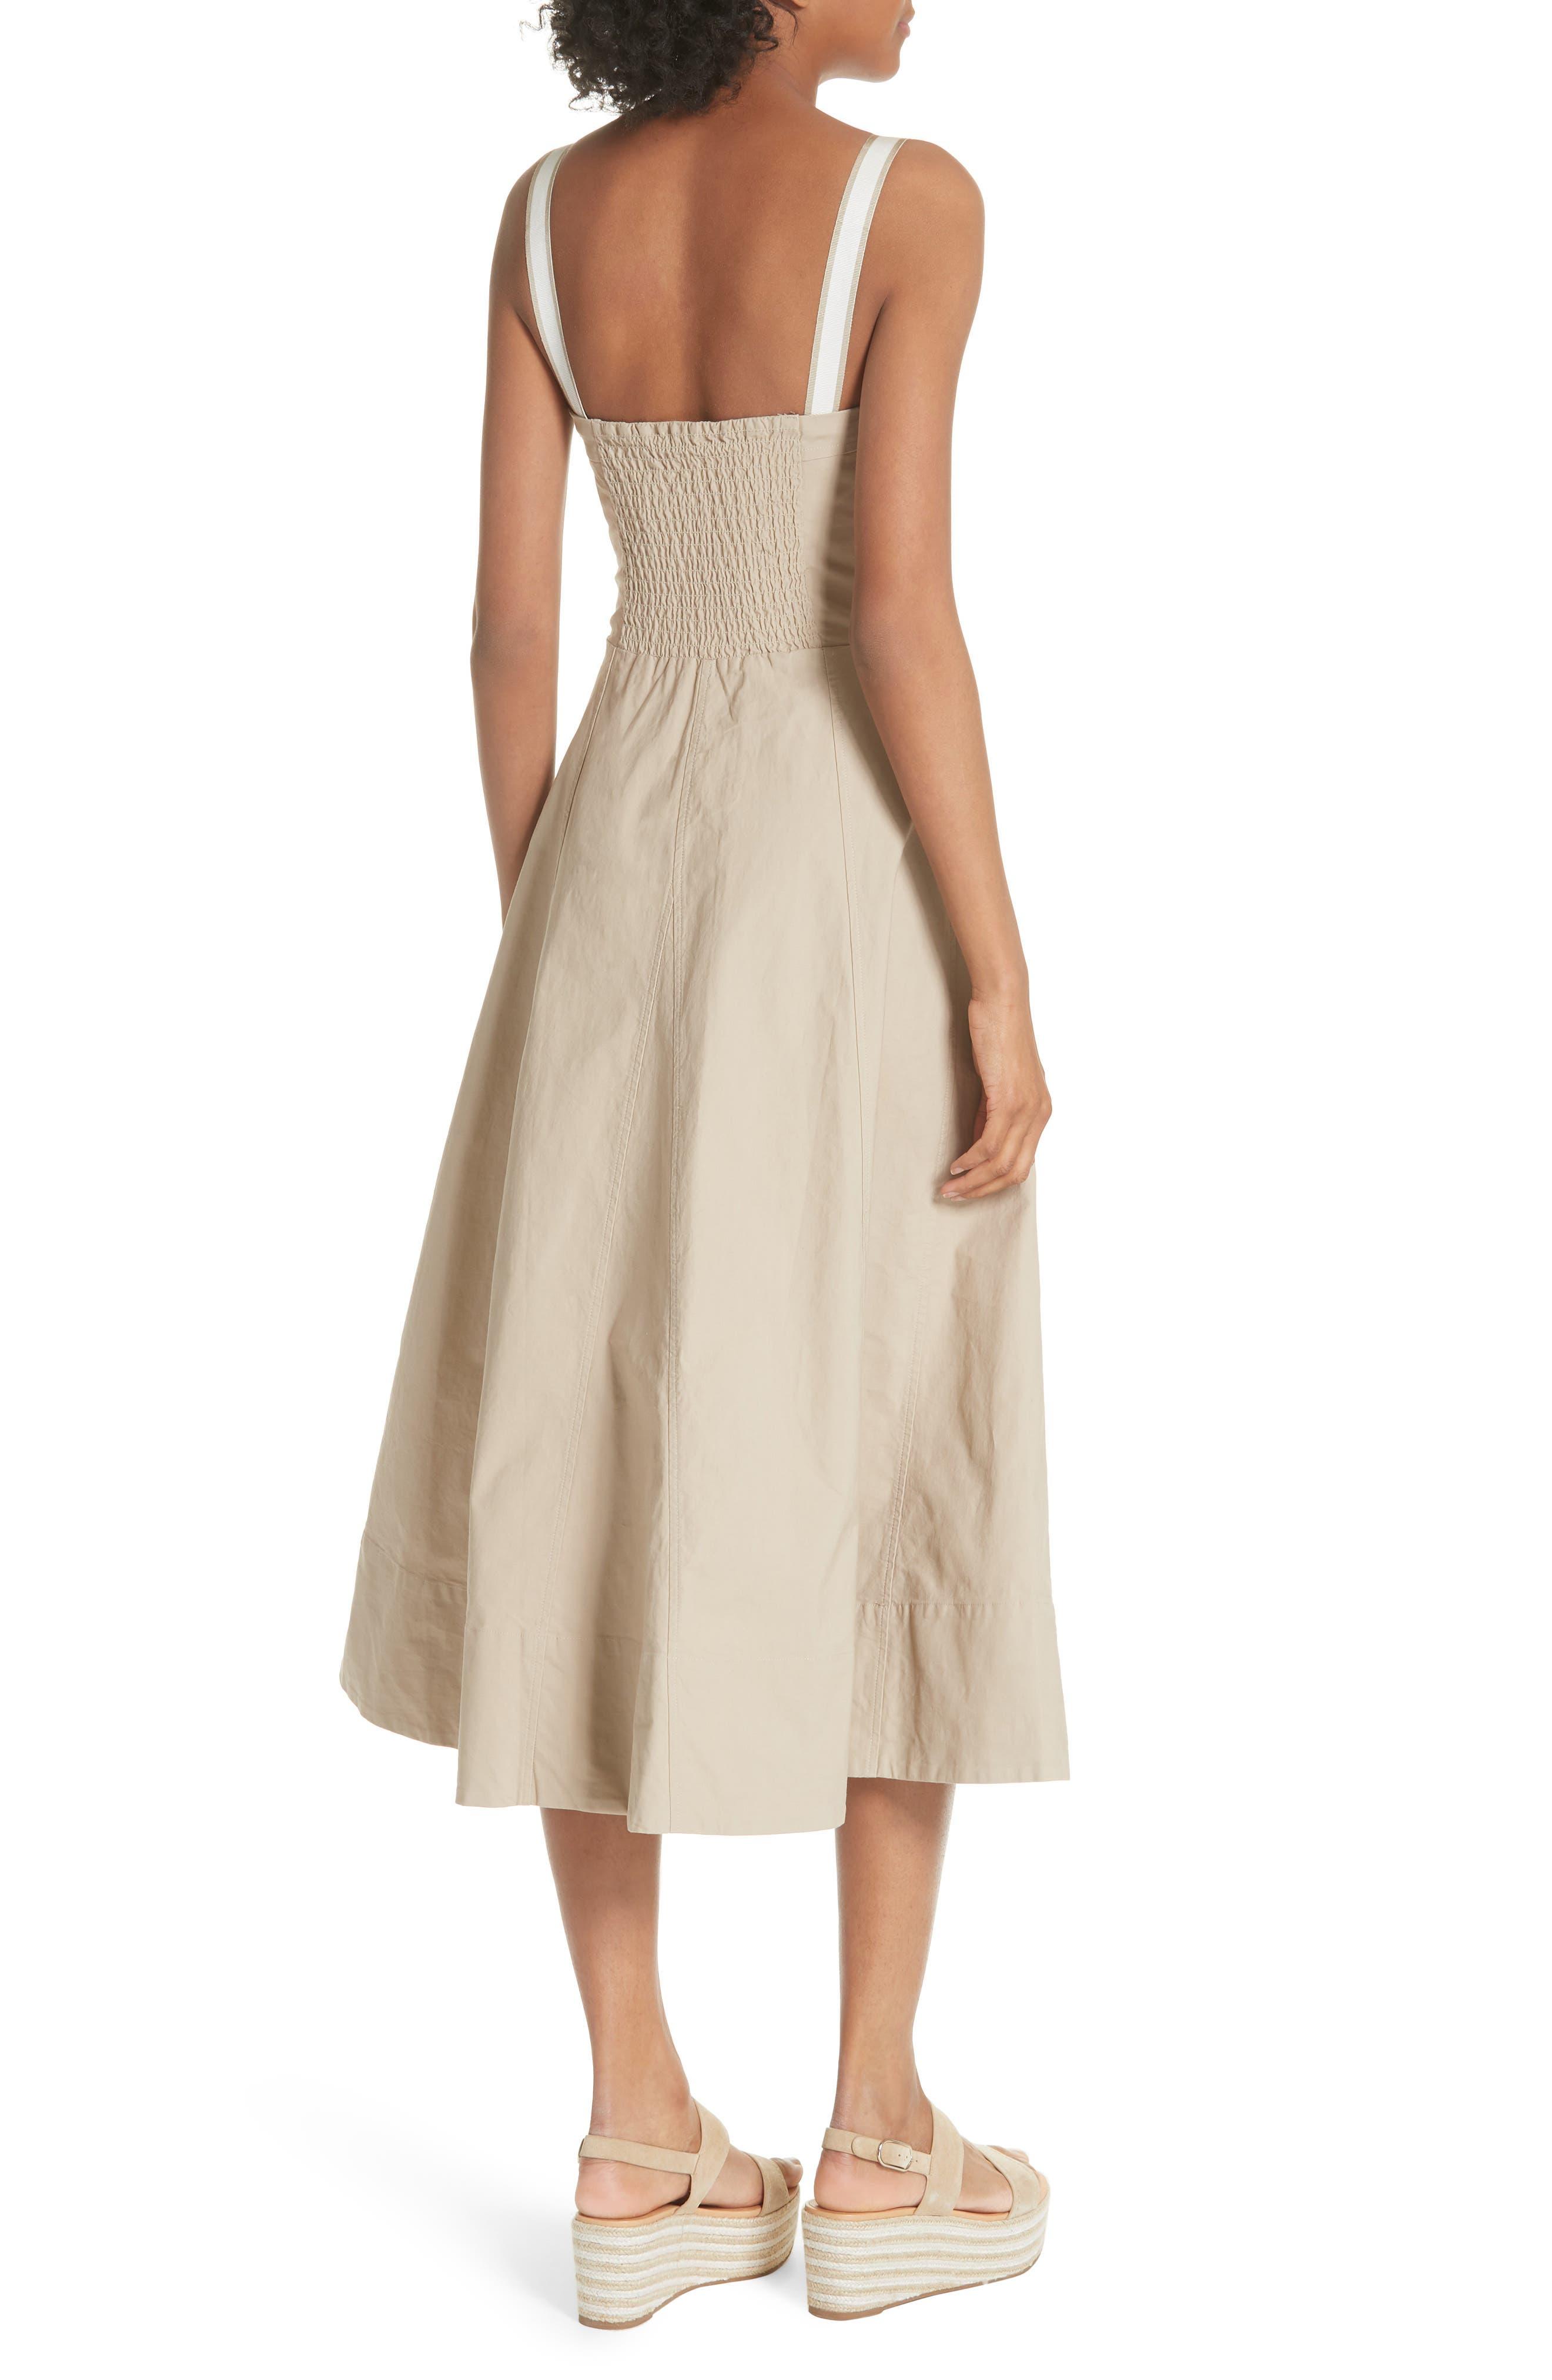 JOIE, Briel Midi Dress, Alternate thumbnail 2, color, 253